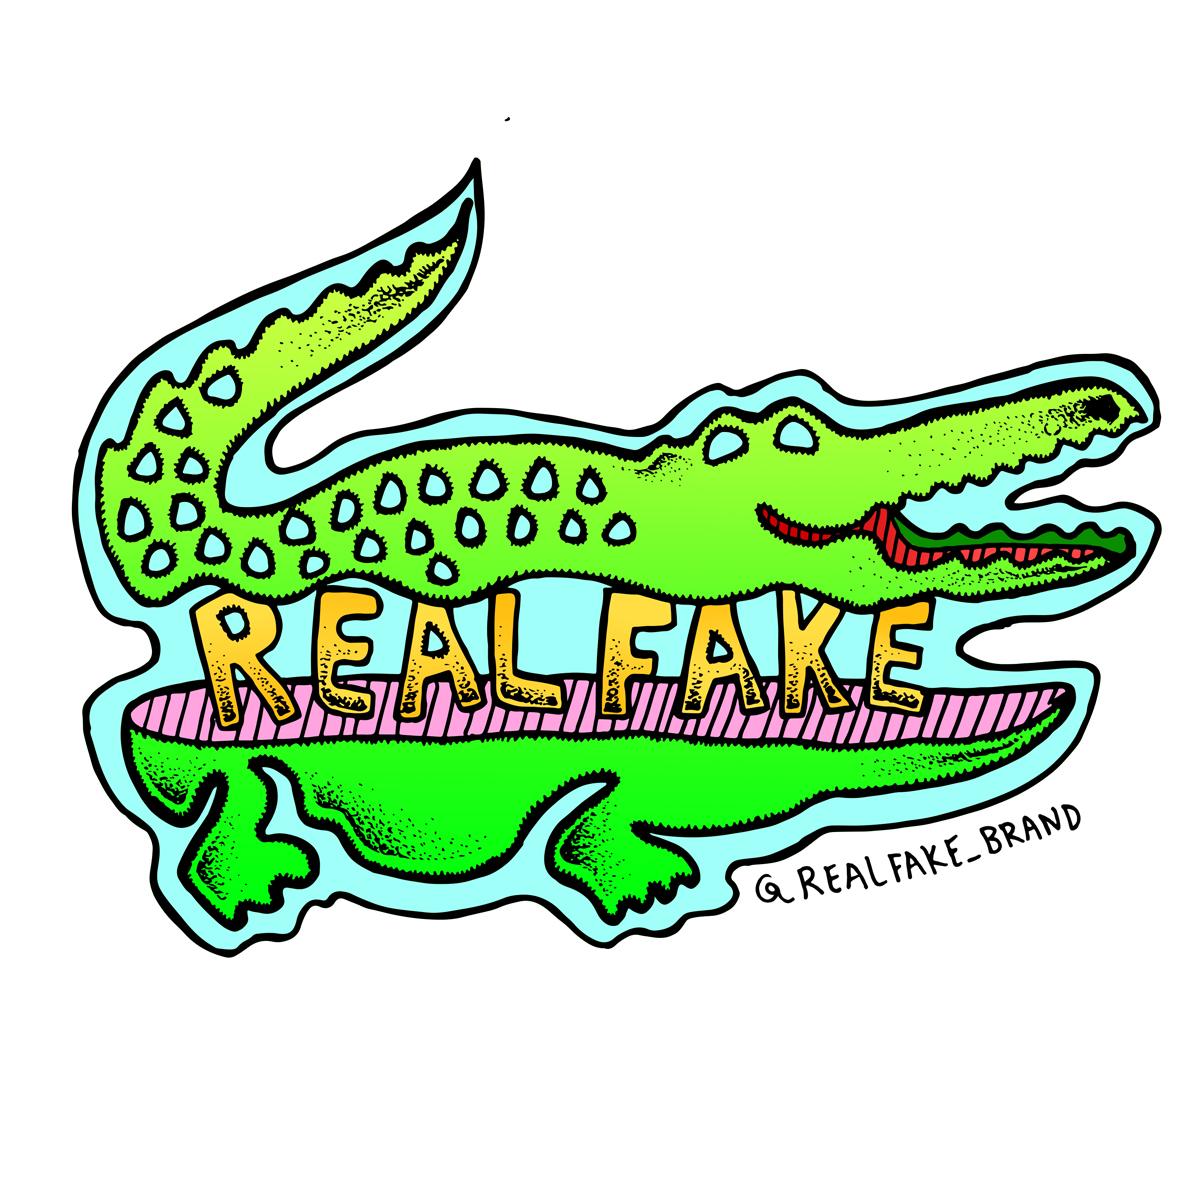 realfakecrocinsta